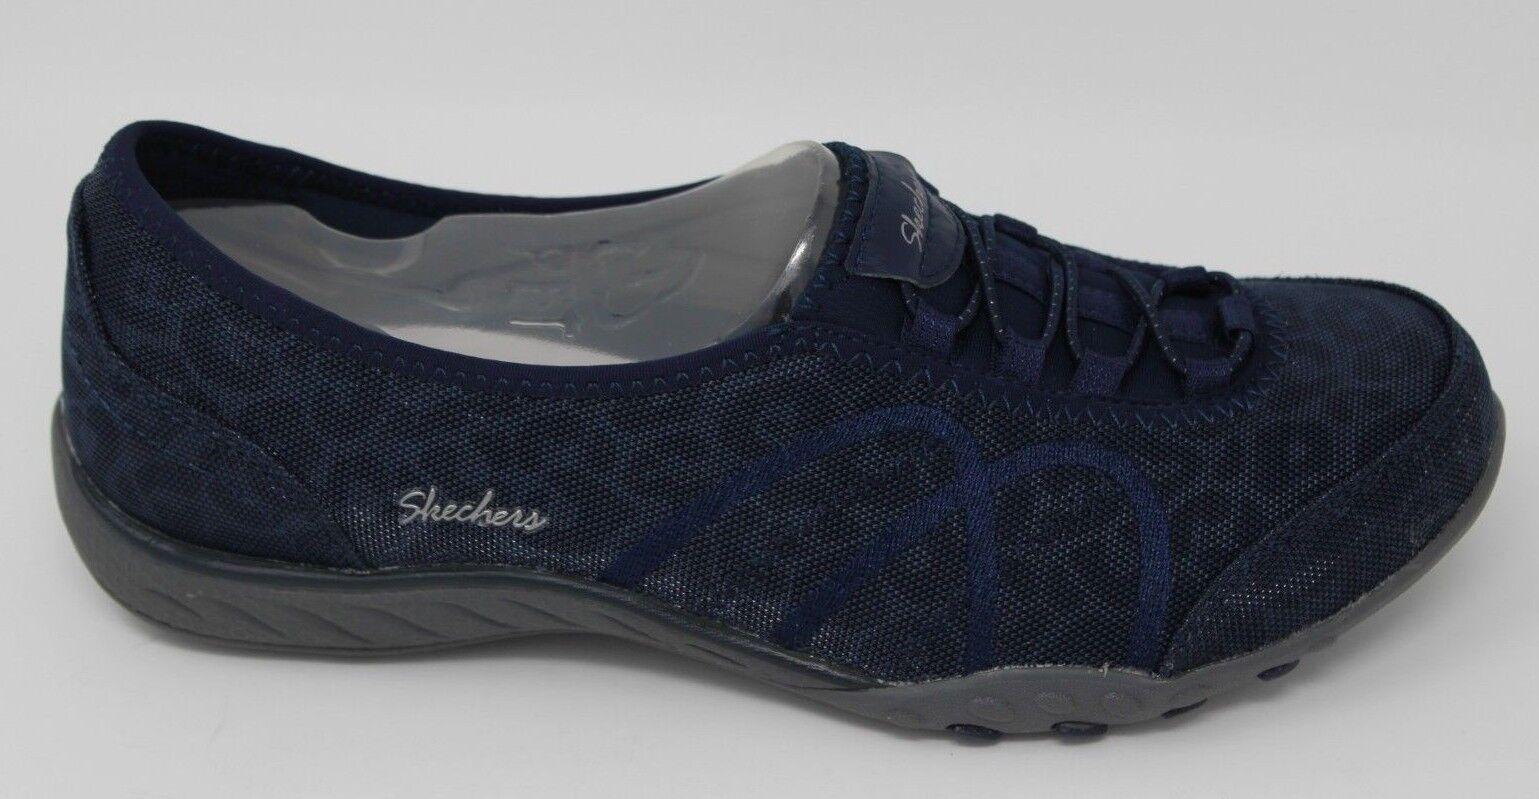 Skechers 23228 de Mujer Breathe-Easy-audaz riesgo 23228 Skechers Azul Marino Totalmente Nuevo 4ee750